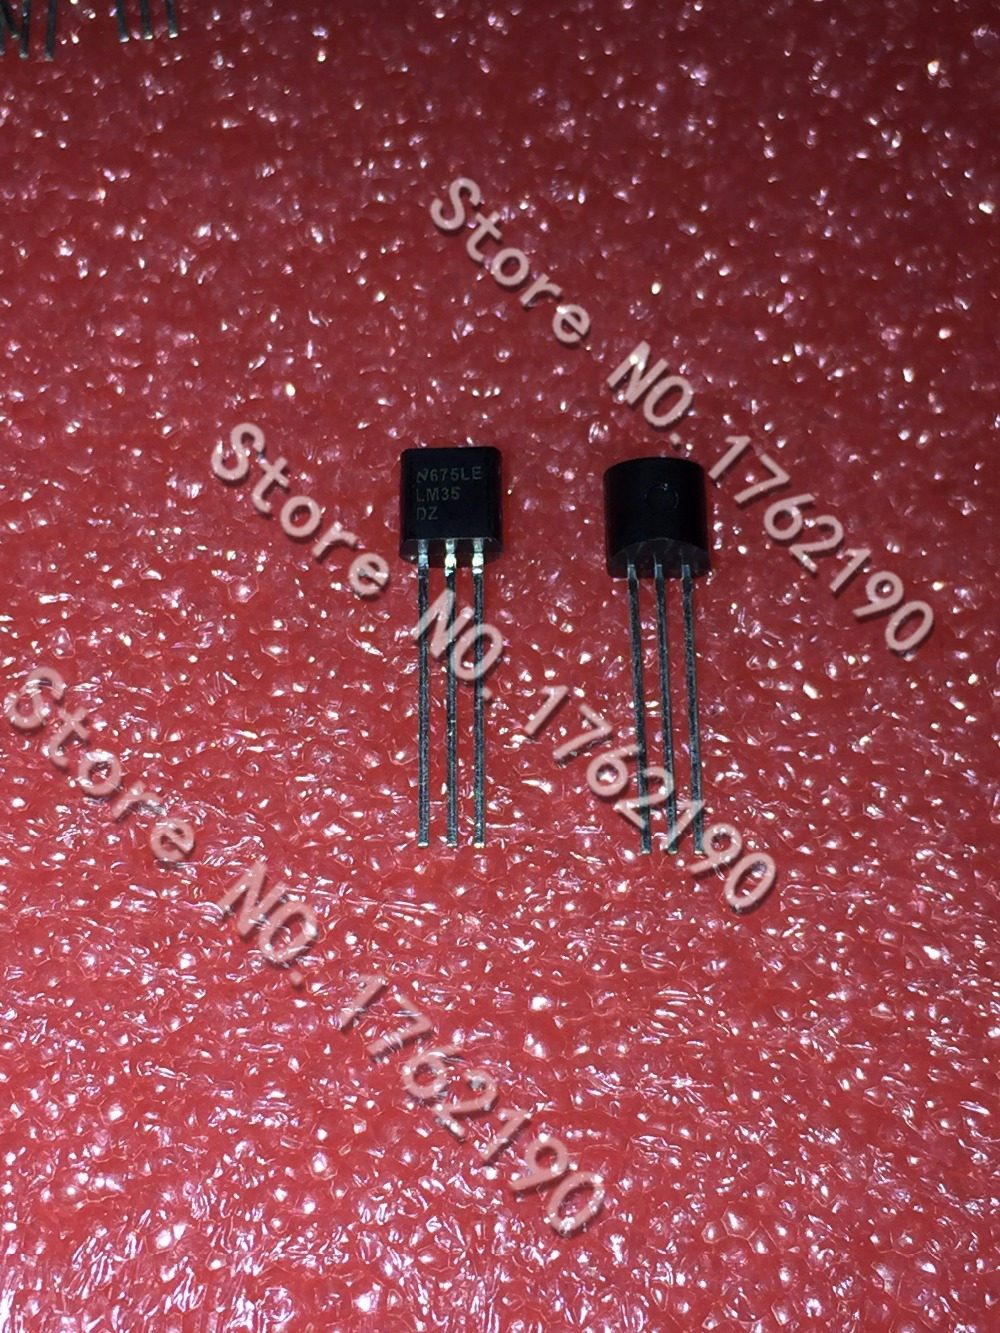 200PCS/LOT LM35DZ LM35 TO-92 TO92 Precision Celsius temperature sensor temperature acquisition